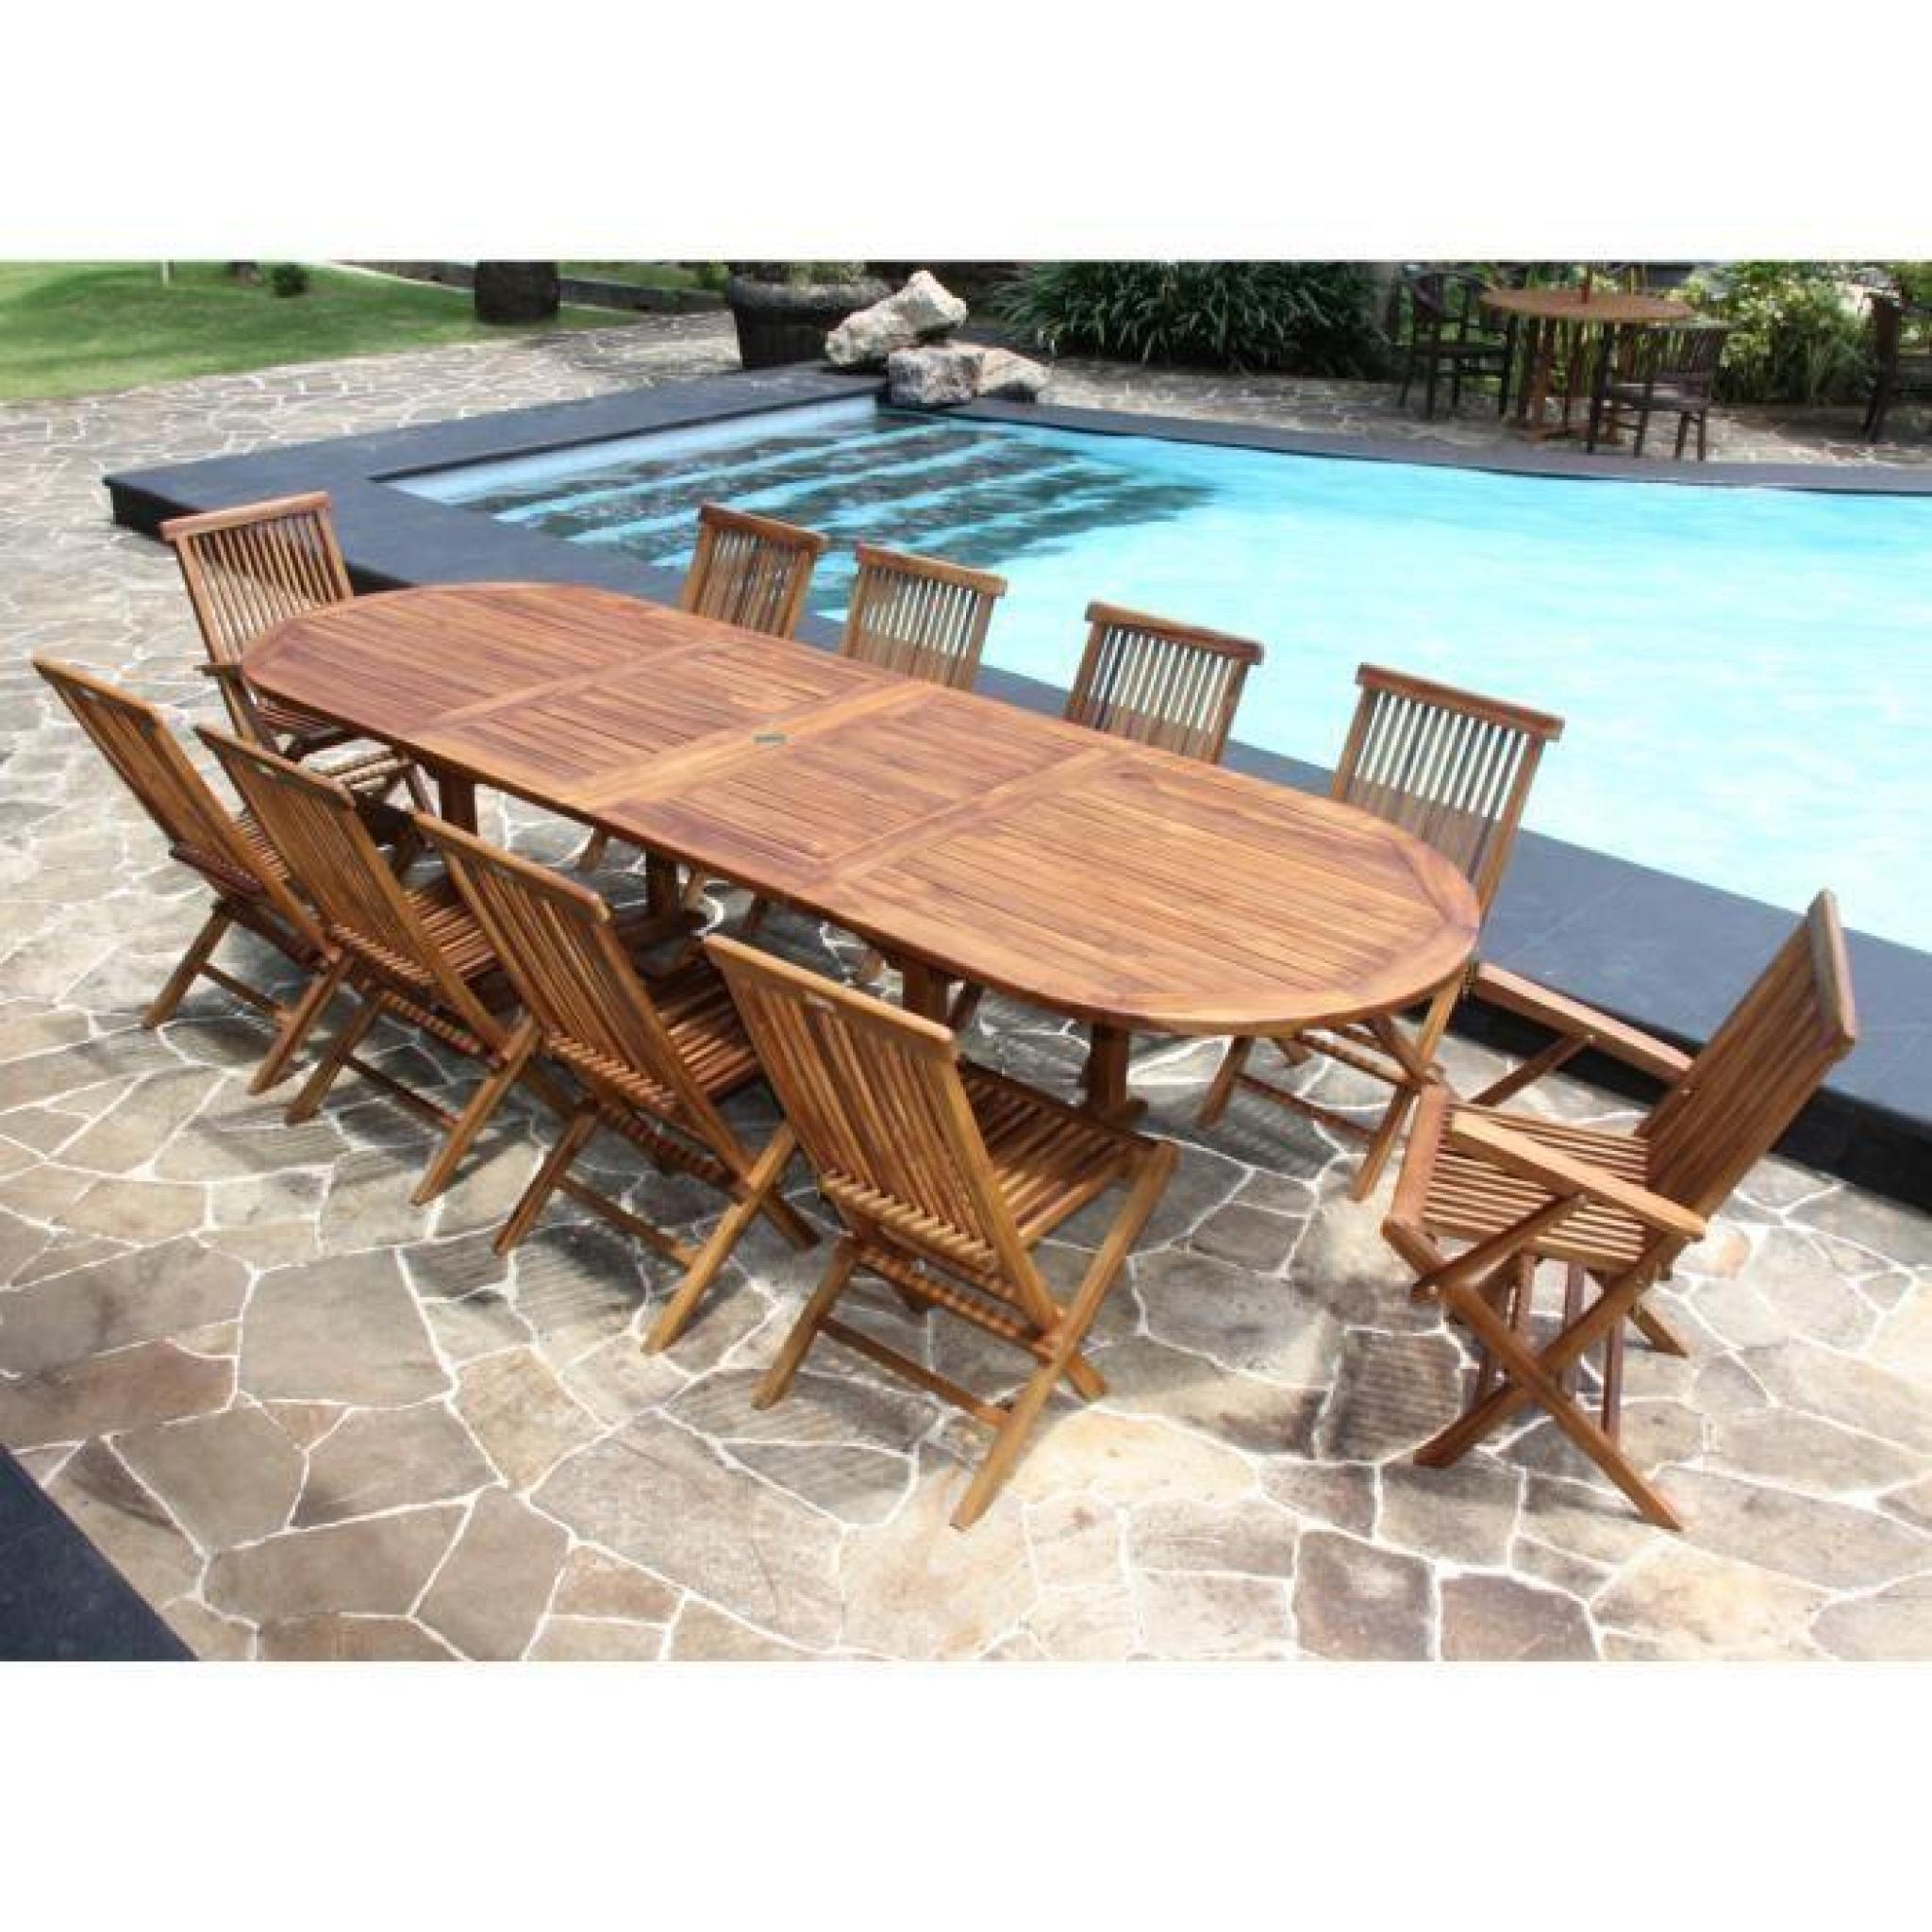 salon de jardin teck huil 10 12 pers table larg 100cm 8 chaises 2 fauteuils achat vente salon. Black Bedroom Furniture Sets. Home Design Ideas